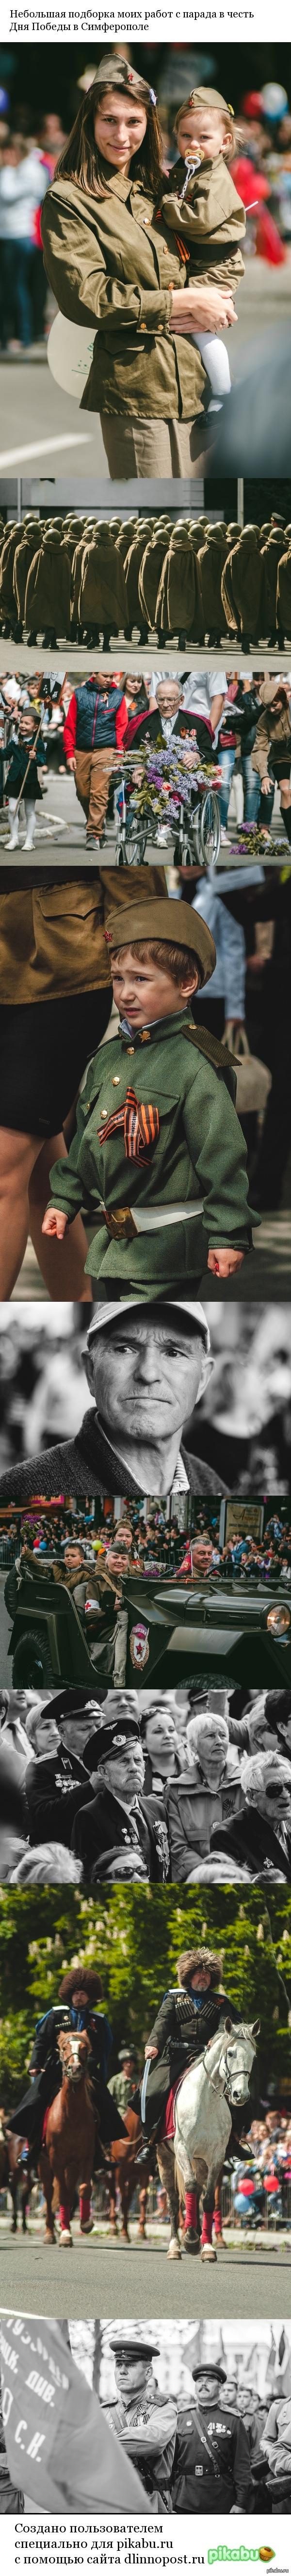 Парад Победы в Симферополе больше фото тут https://vk.com/album-23894797_215454553